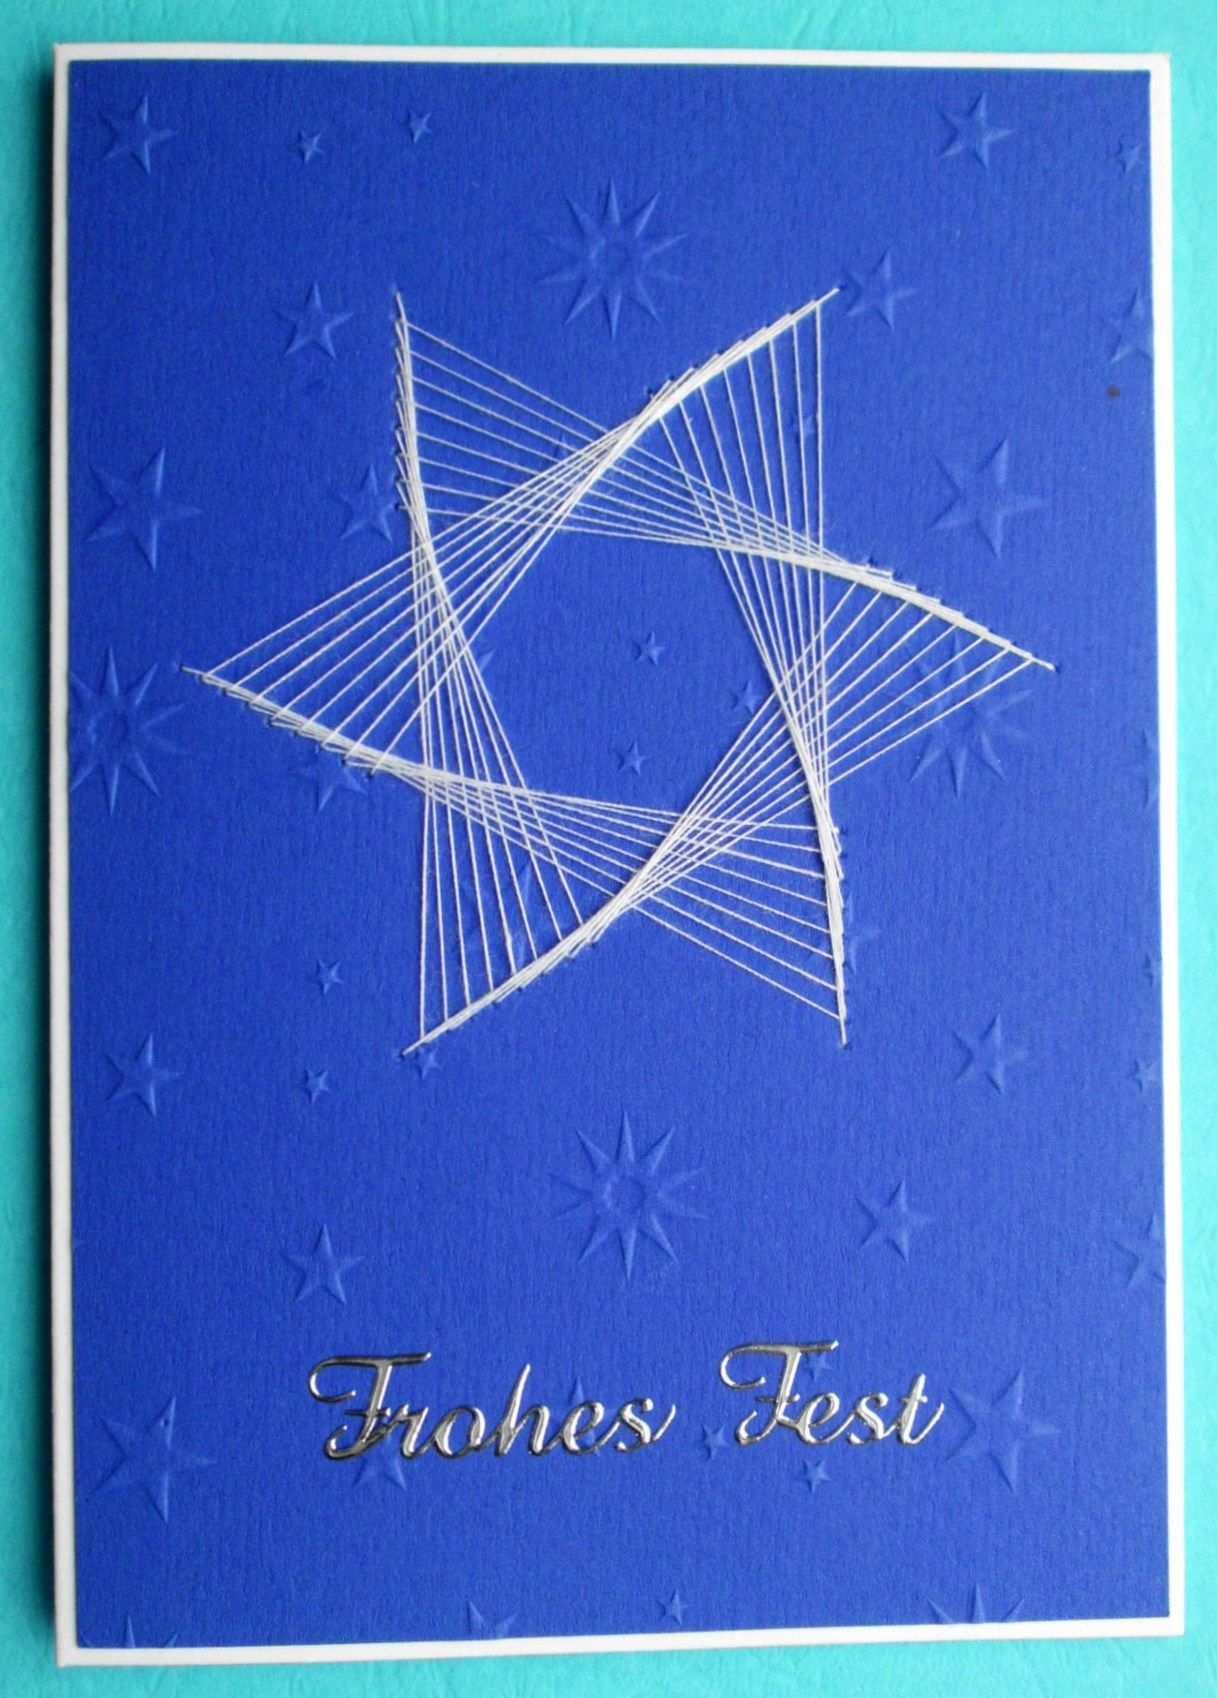 2014 Selbstgemachte Weihnachtskarte Fadengrafik Weihnachten Papierstickerei Fadengrafik Vorlagen